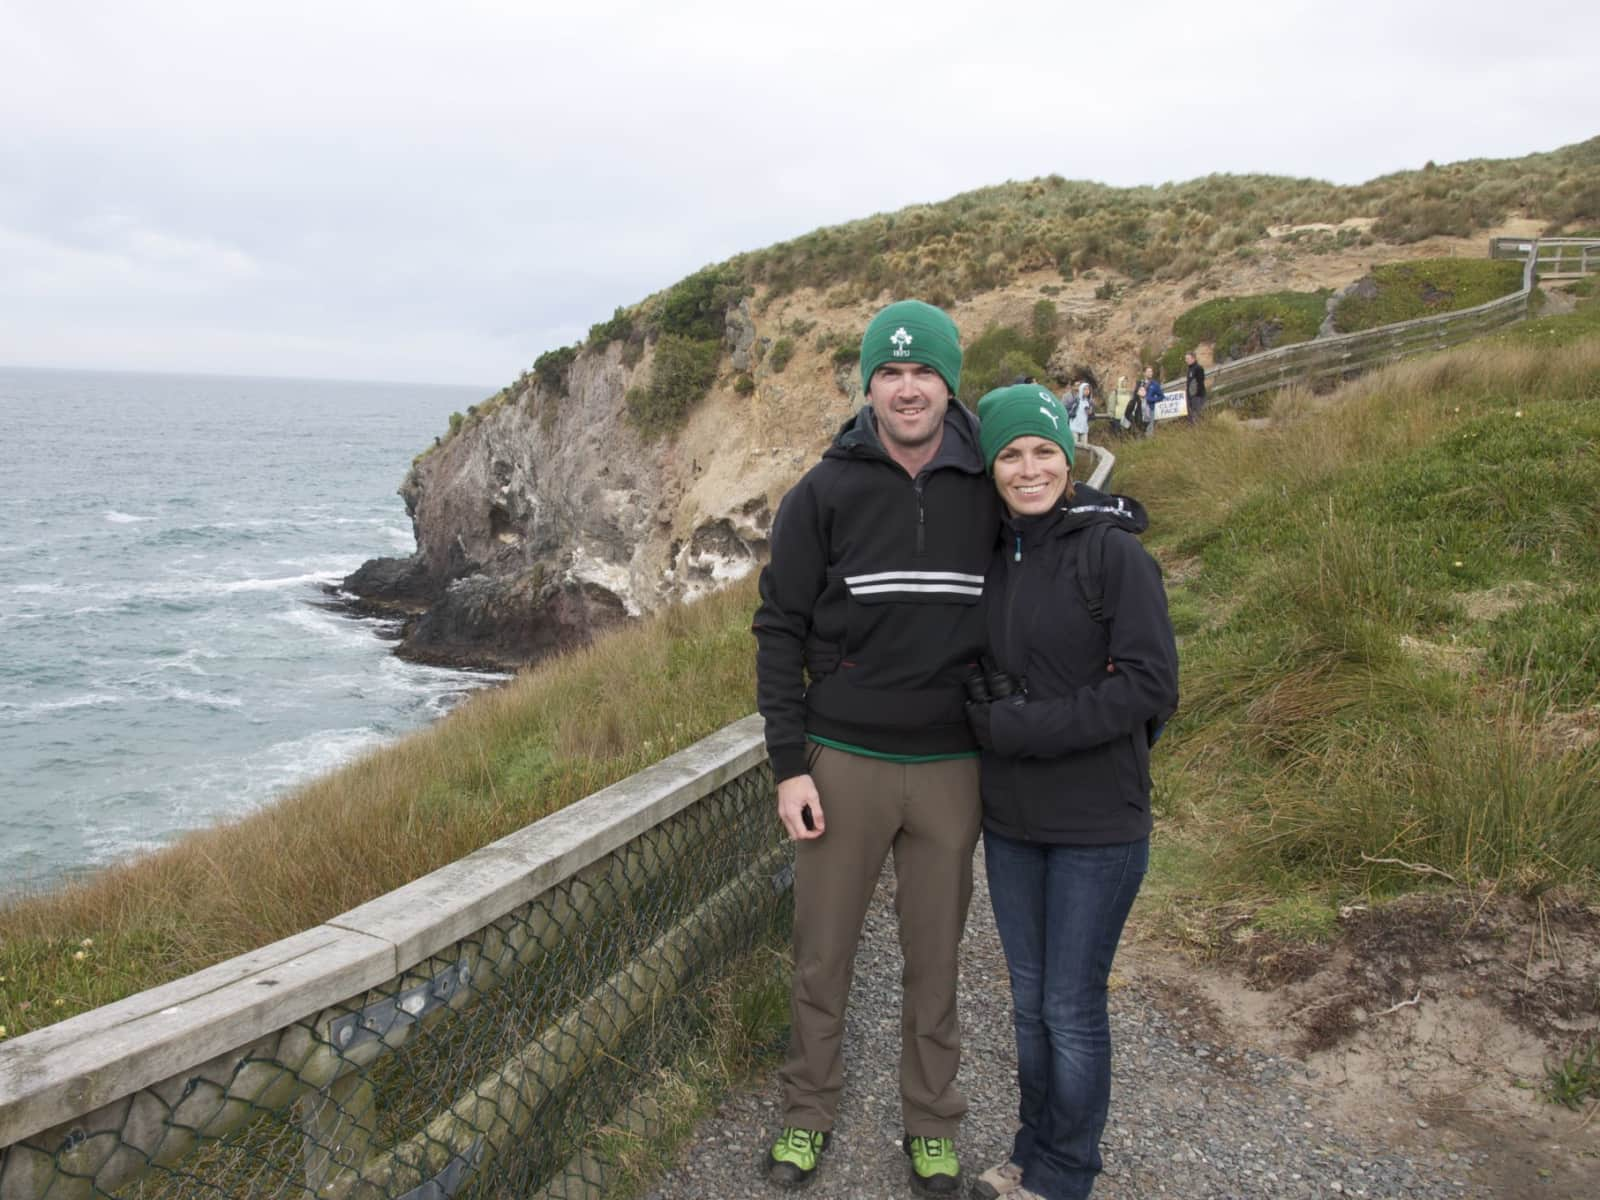 Cathriona & Stephen from Neuchâtel, Switzerland